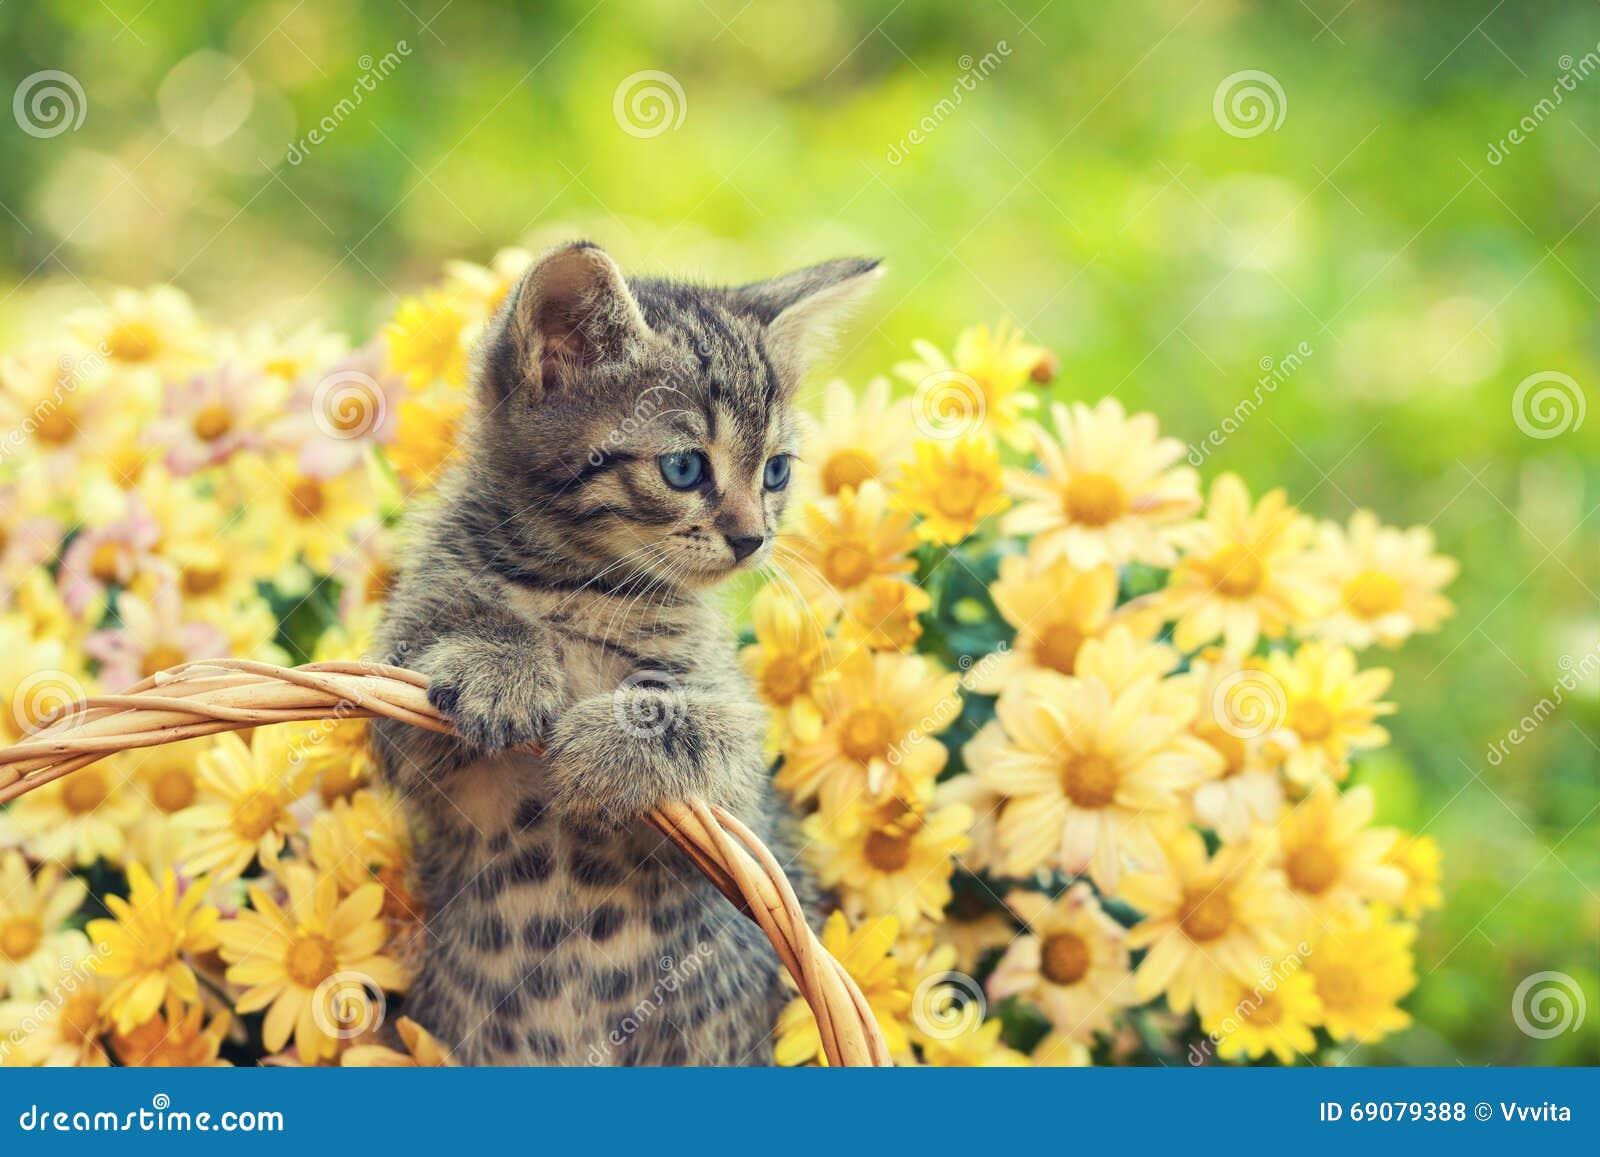 Katje in de tuin met bloemen